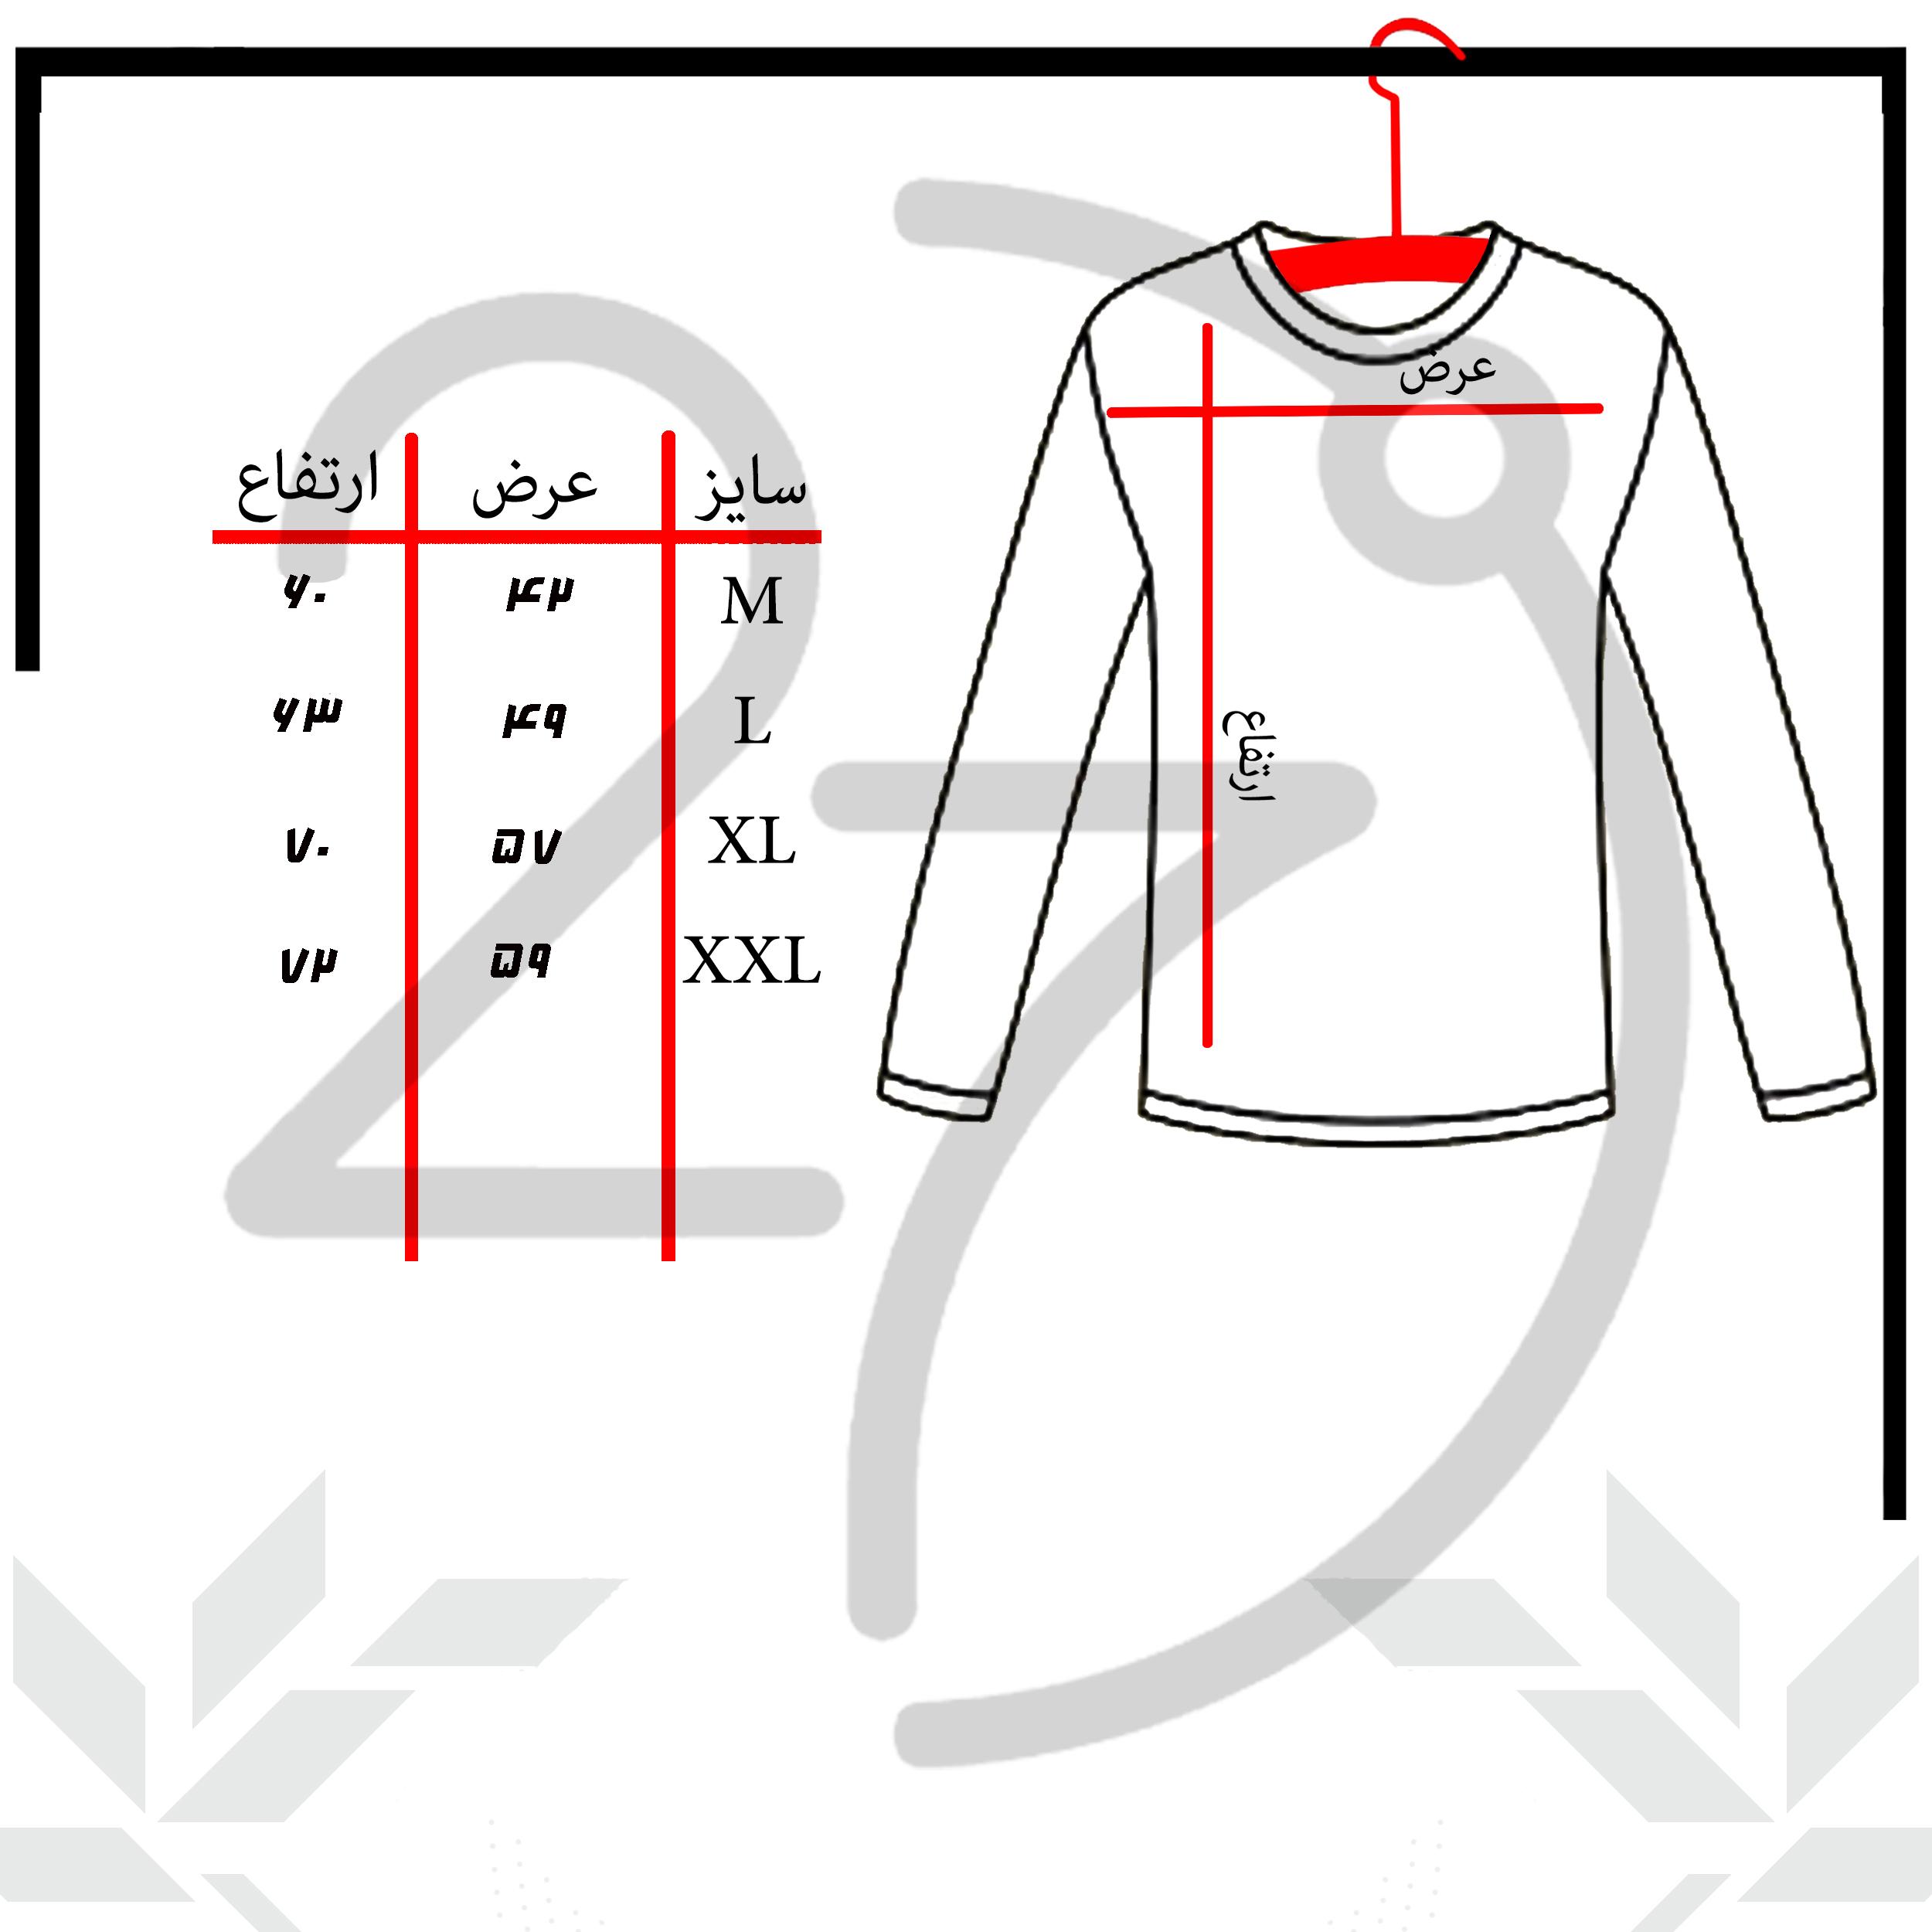 تی شرت آستین بلند زنانه 27 مدل سنتی کد B110